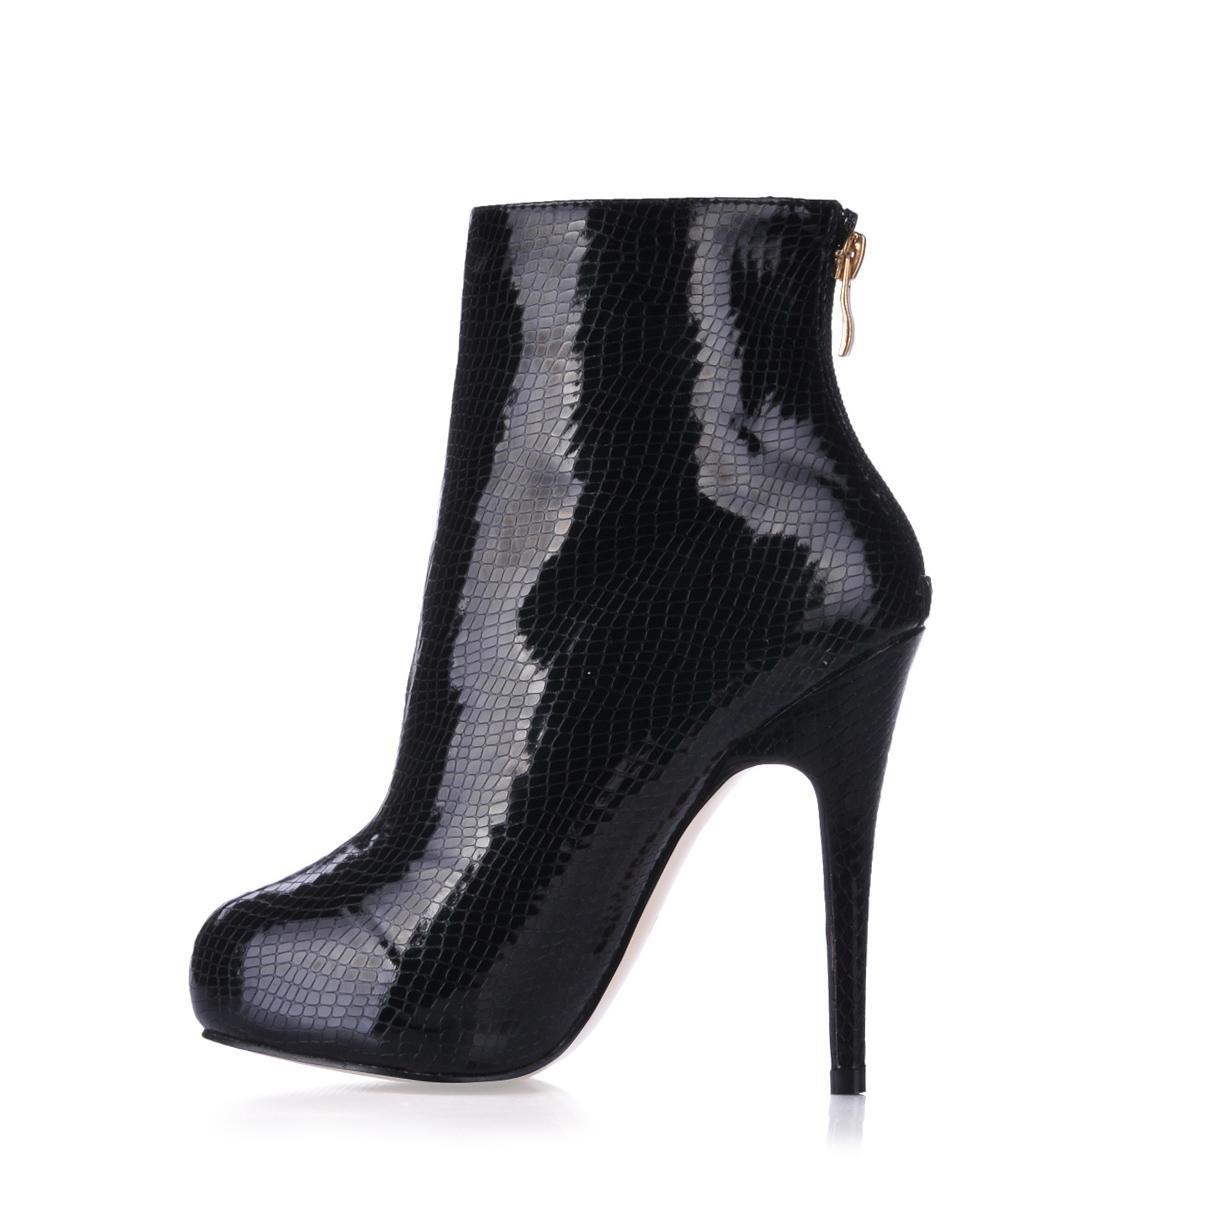 Best 4U® Frauen Stiefeletten Premium PU Gummisohle Gummisohle PU Runde Kappe 11CM High Heel 1CM Flatform Reißverschluss Stiefel Winter Schwarz - 77008f